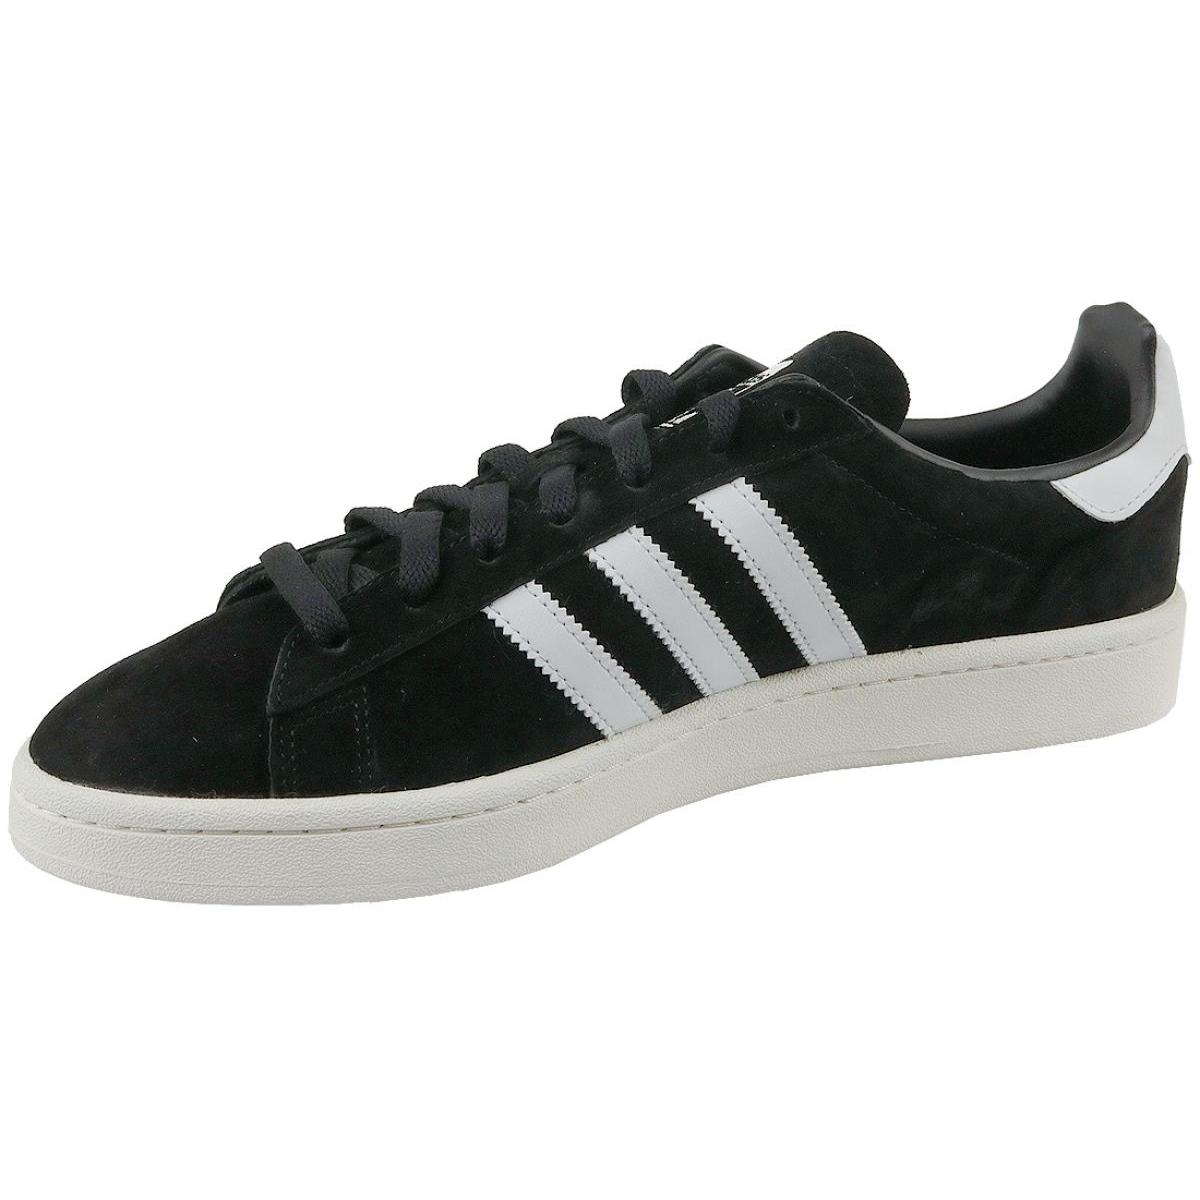 Adidas Originals Campus M BZ0084 shoes